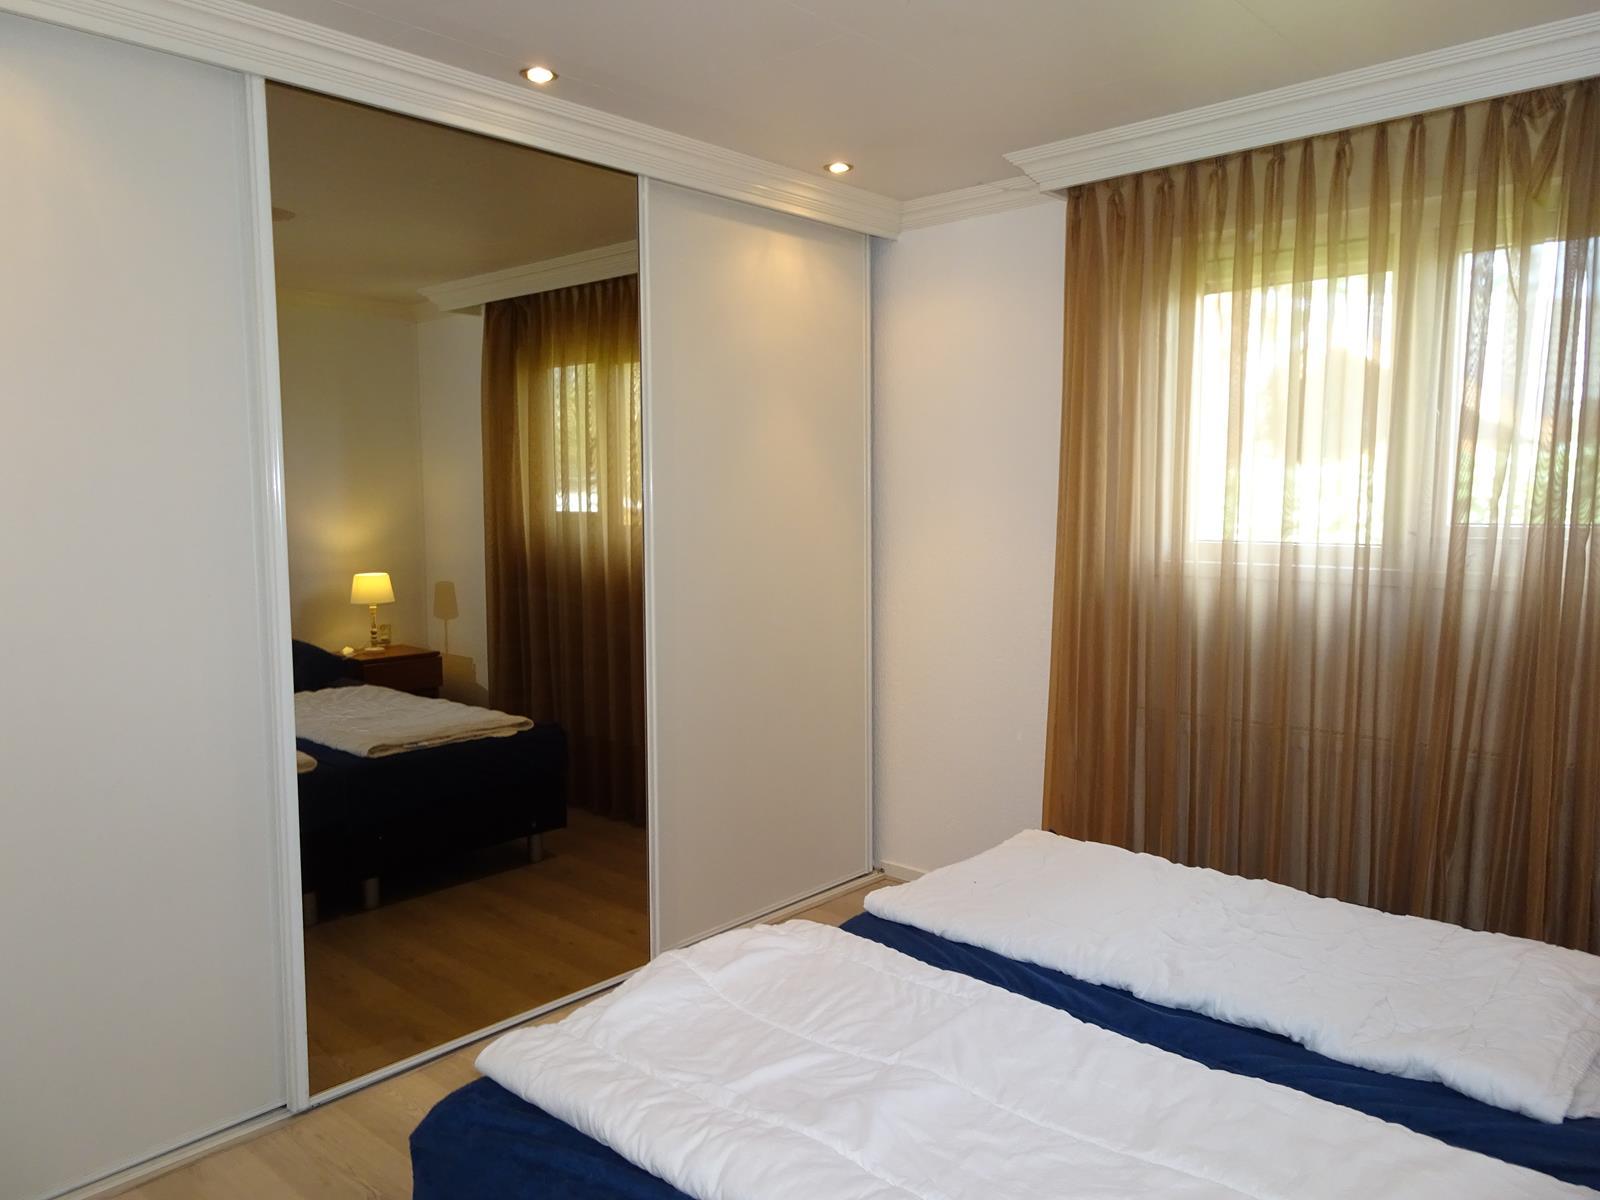 Vakantiehuis te koop Limburg Susteren 139 014.jpg